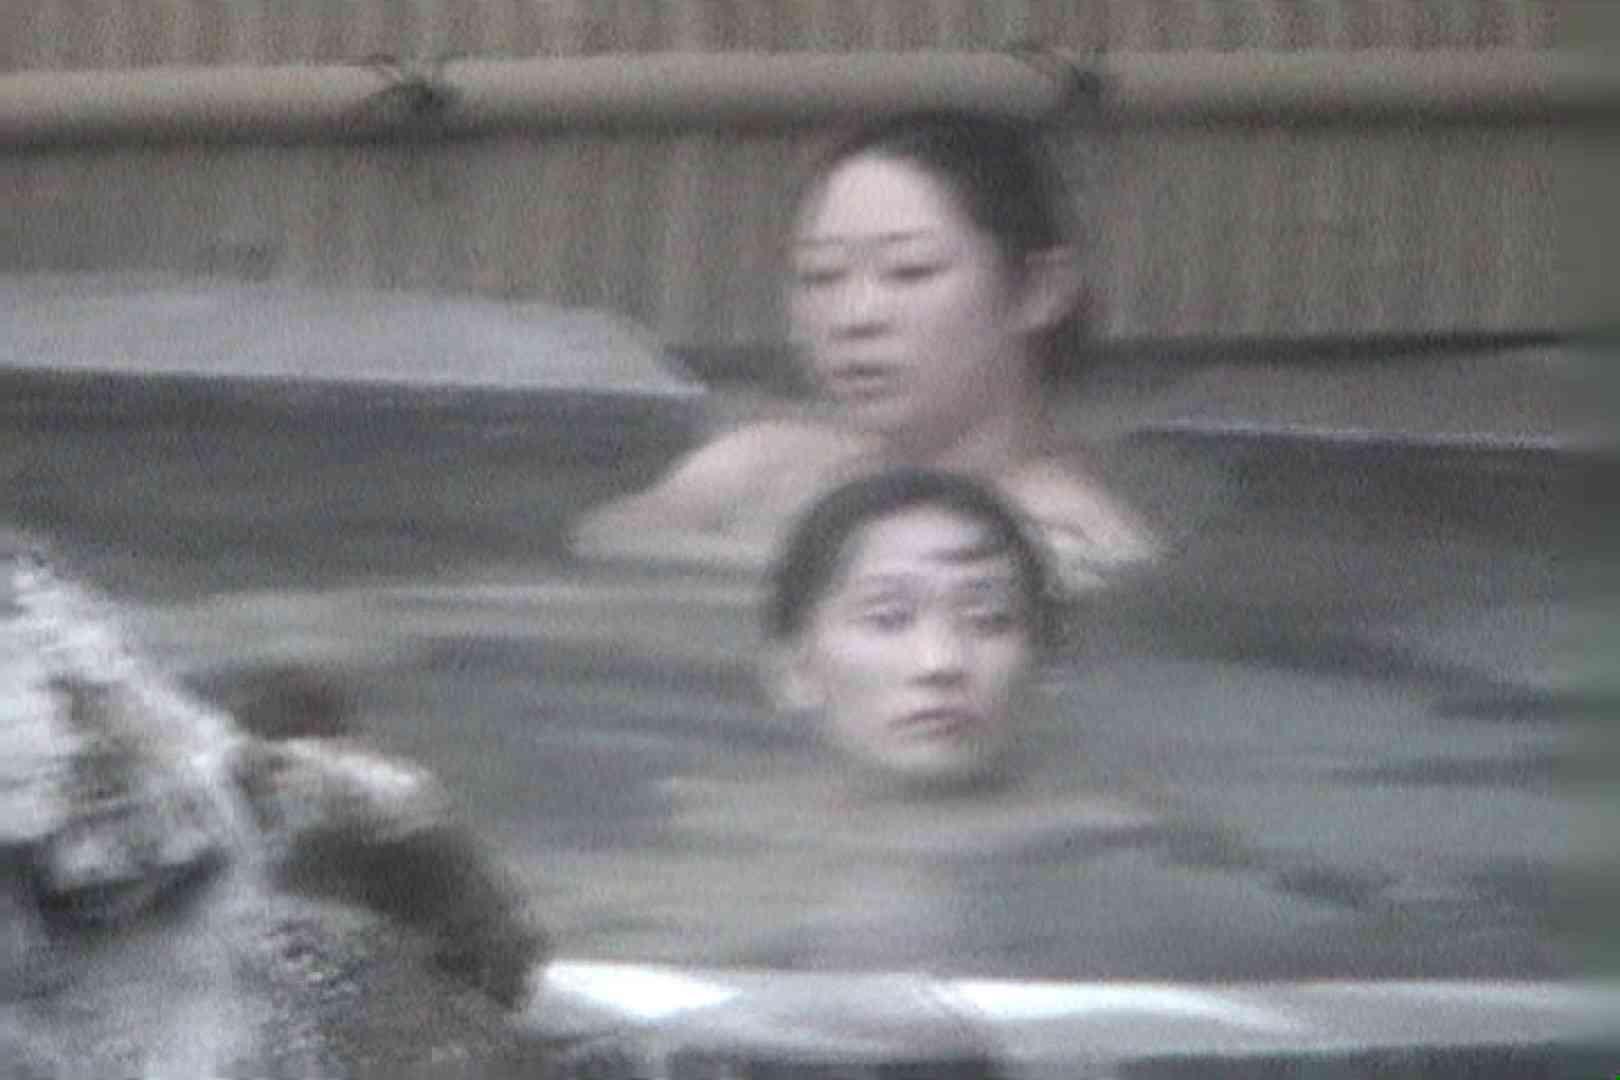 Aquaな露天風呂Vol.557 綺麗なOLたち | 盗撮  78枚 25